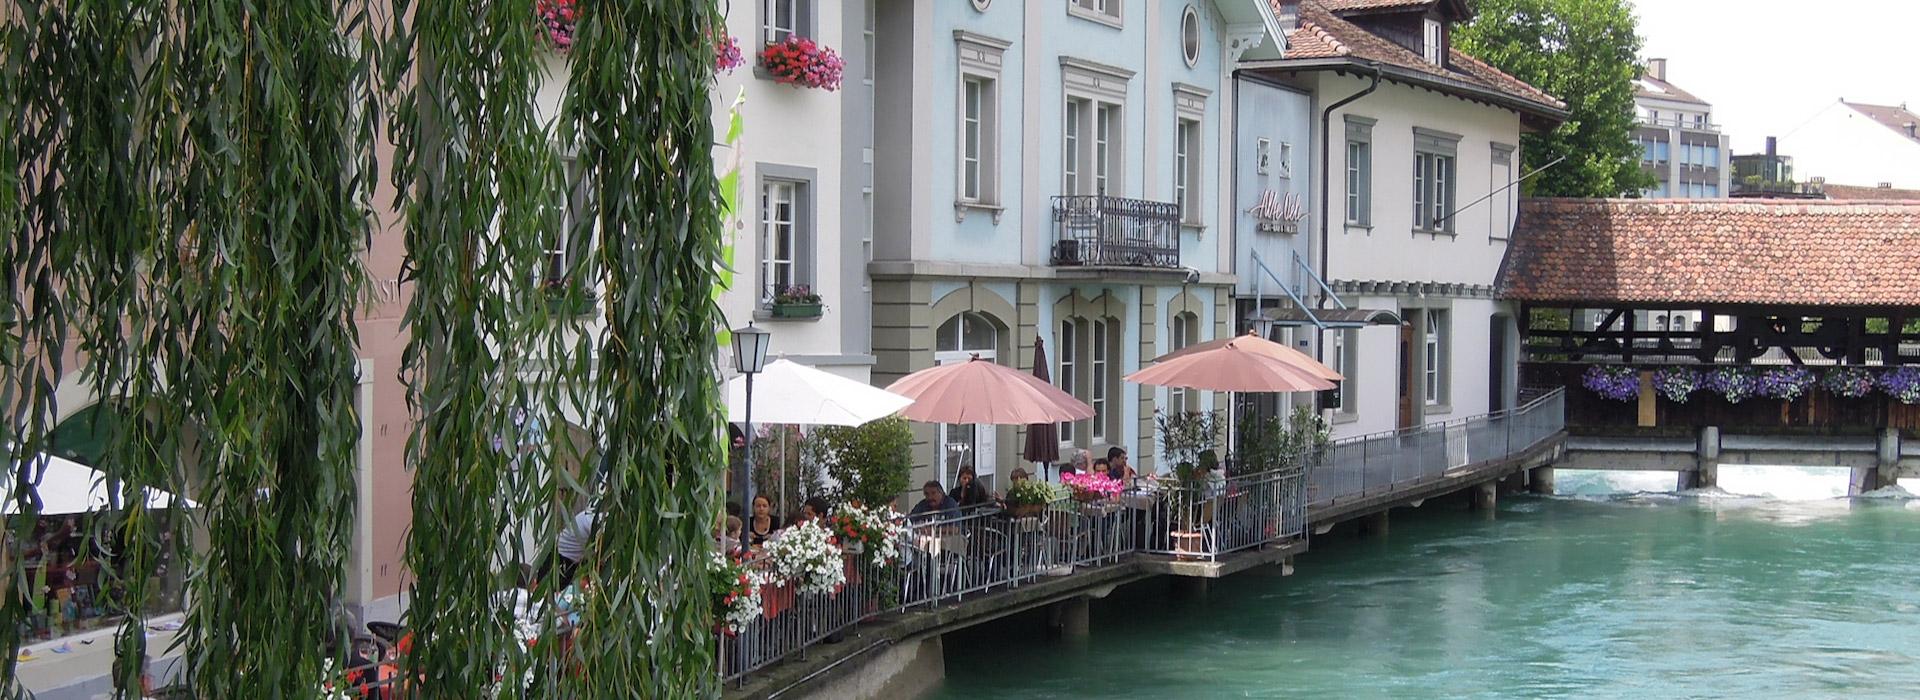 Generalversammlung - Shopping in der Thuner Innenstadt